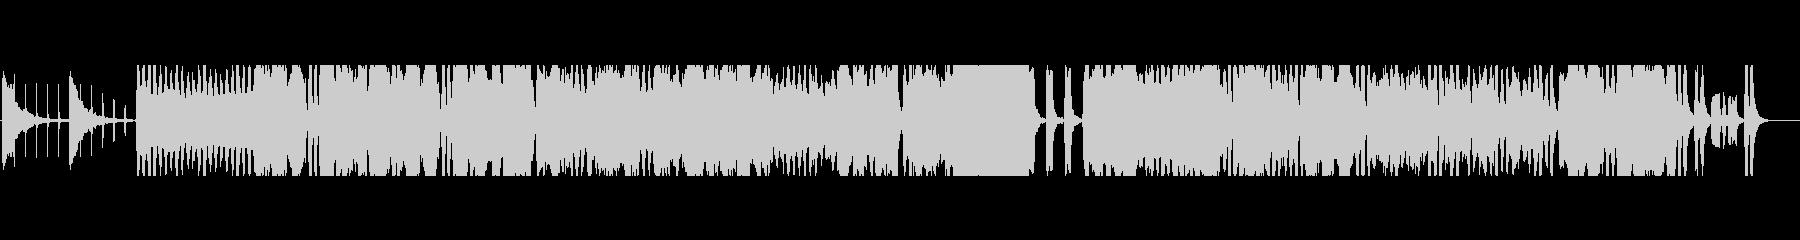 銀幕の午後 ヨーロッパのイメージの弦楽曲の未再生の波形